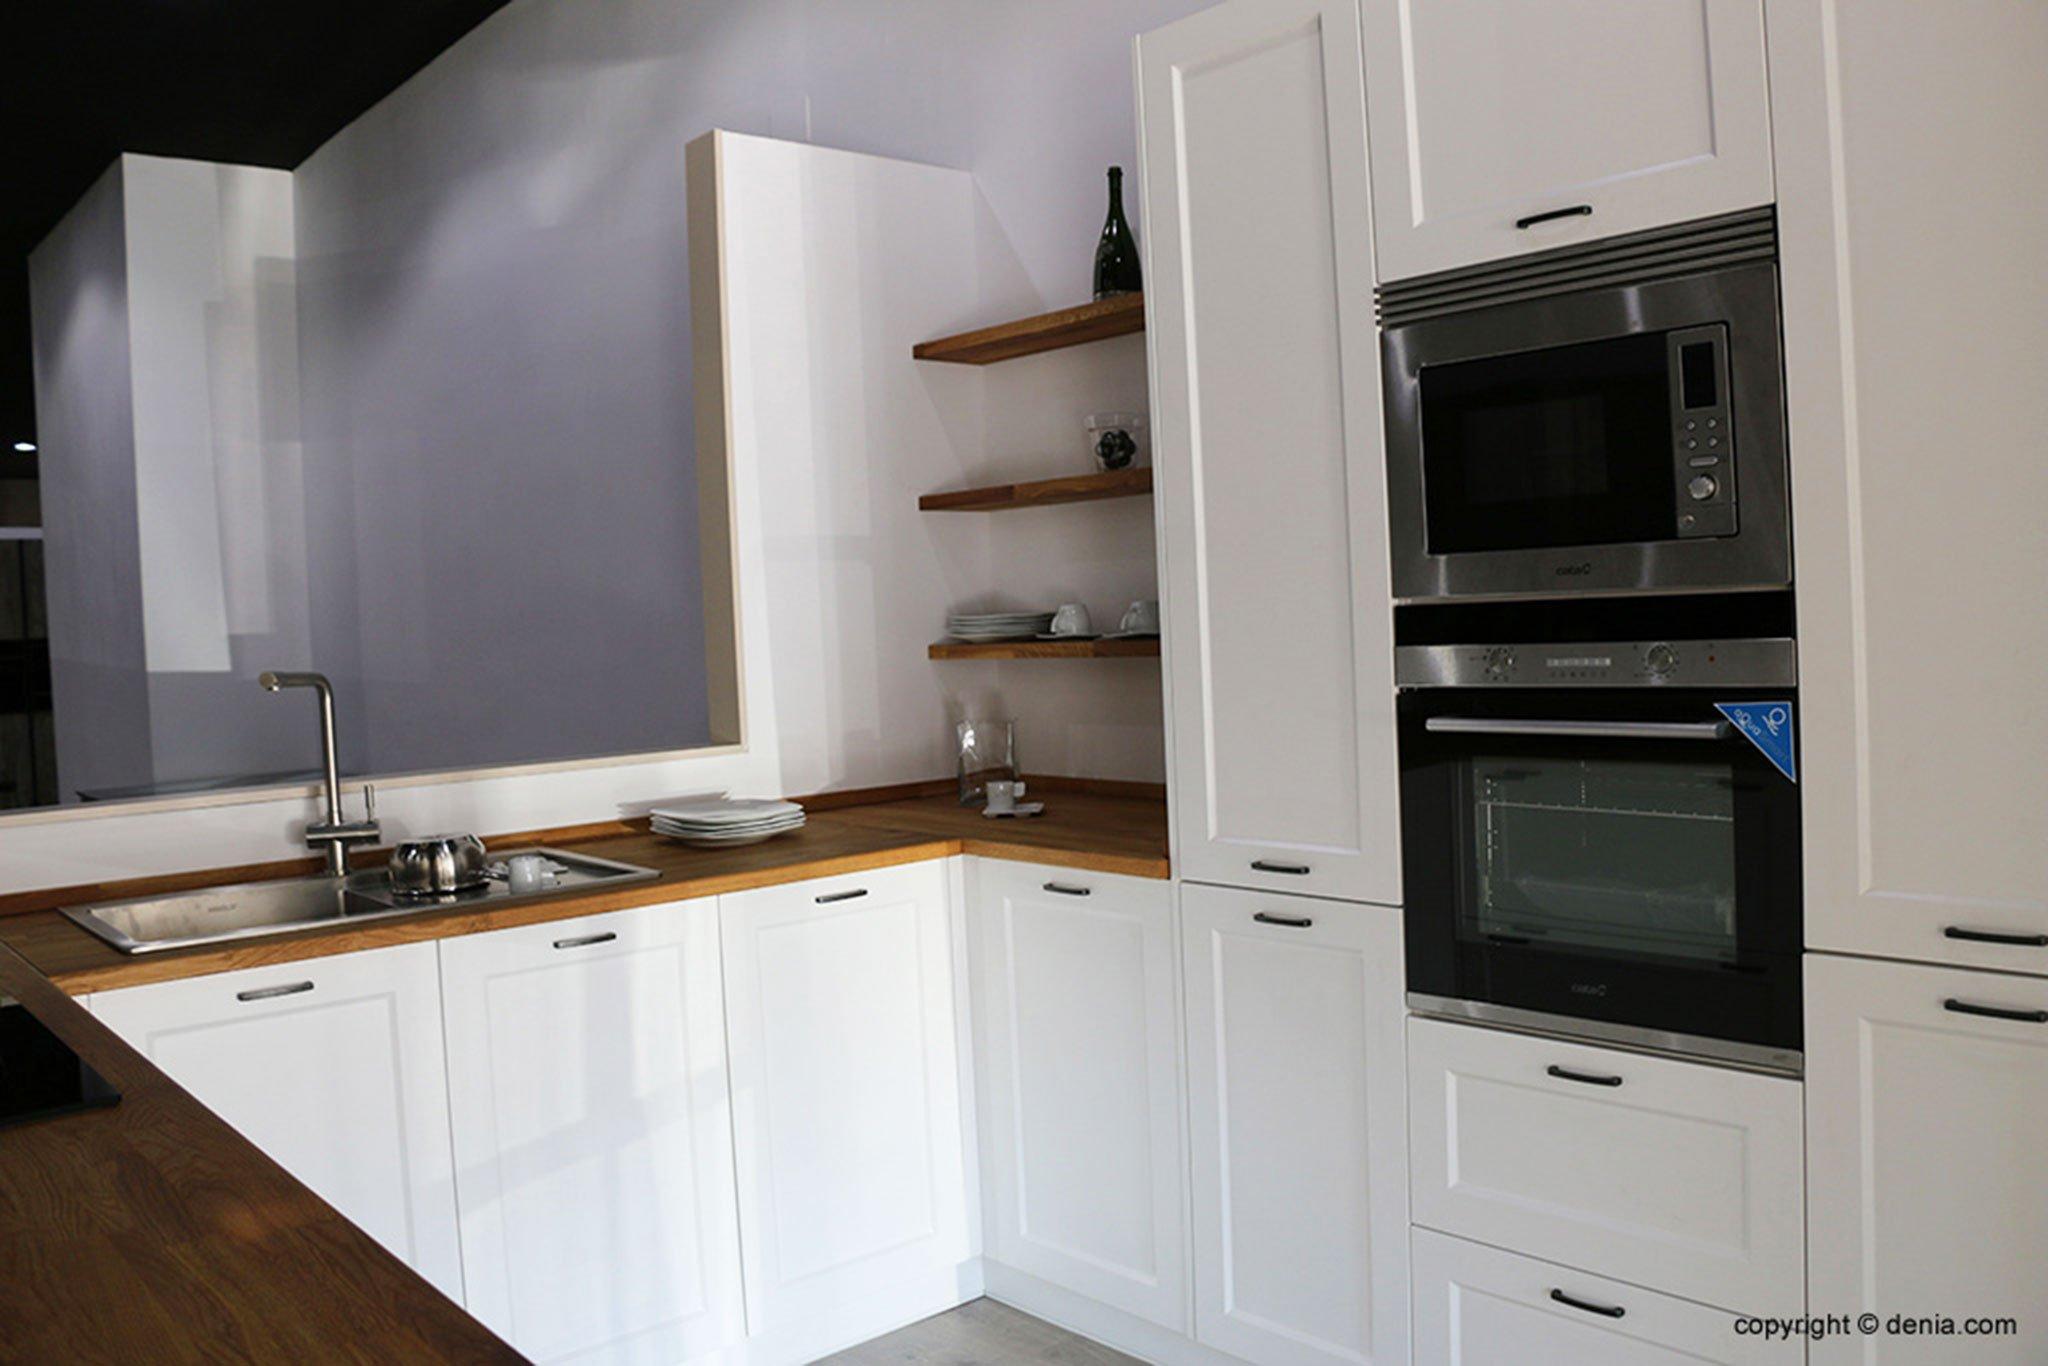 Cocina con electrodomésticos – Cocina Fácil